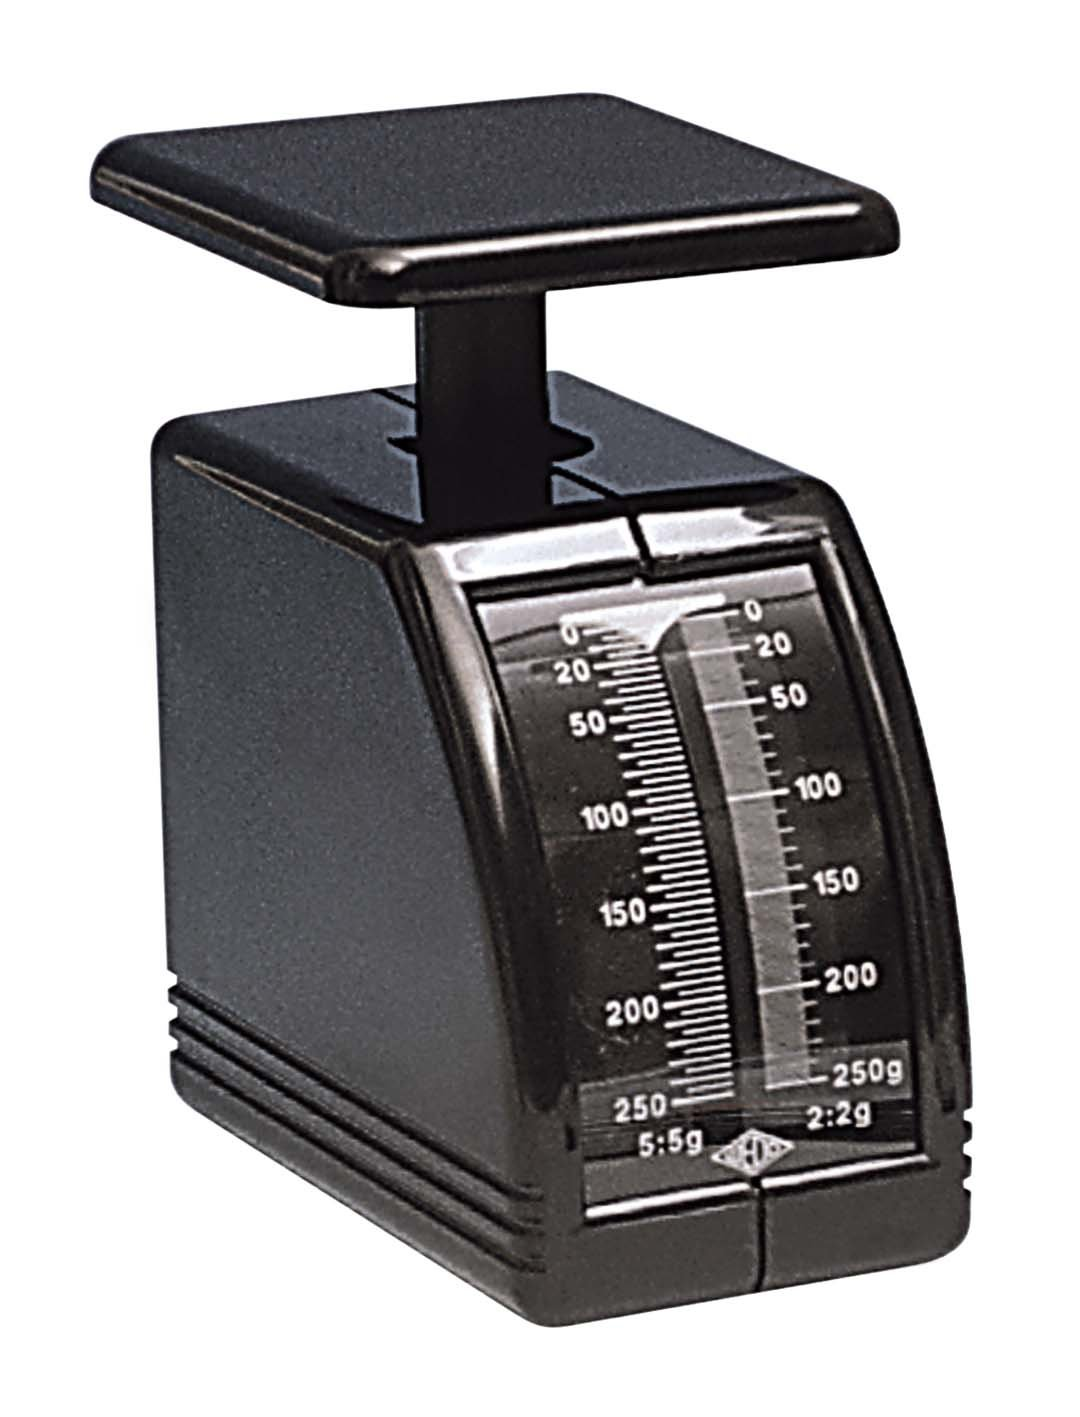 Wedo 249862001 Handy Pèse-lettres mécanique capacité 250 g incrémentation 2 g Dimensions 194 x 70 x 115 mm